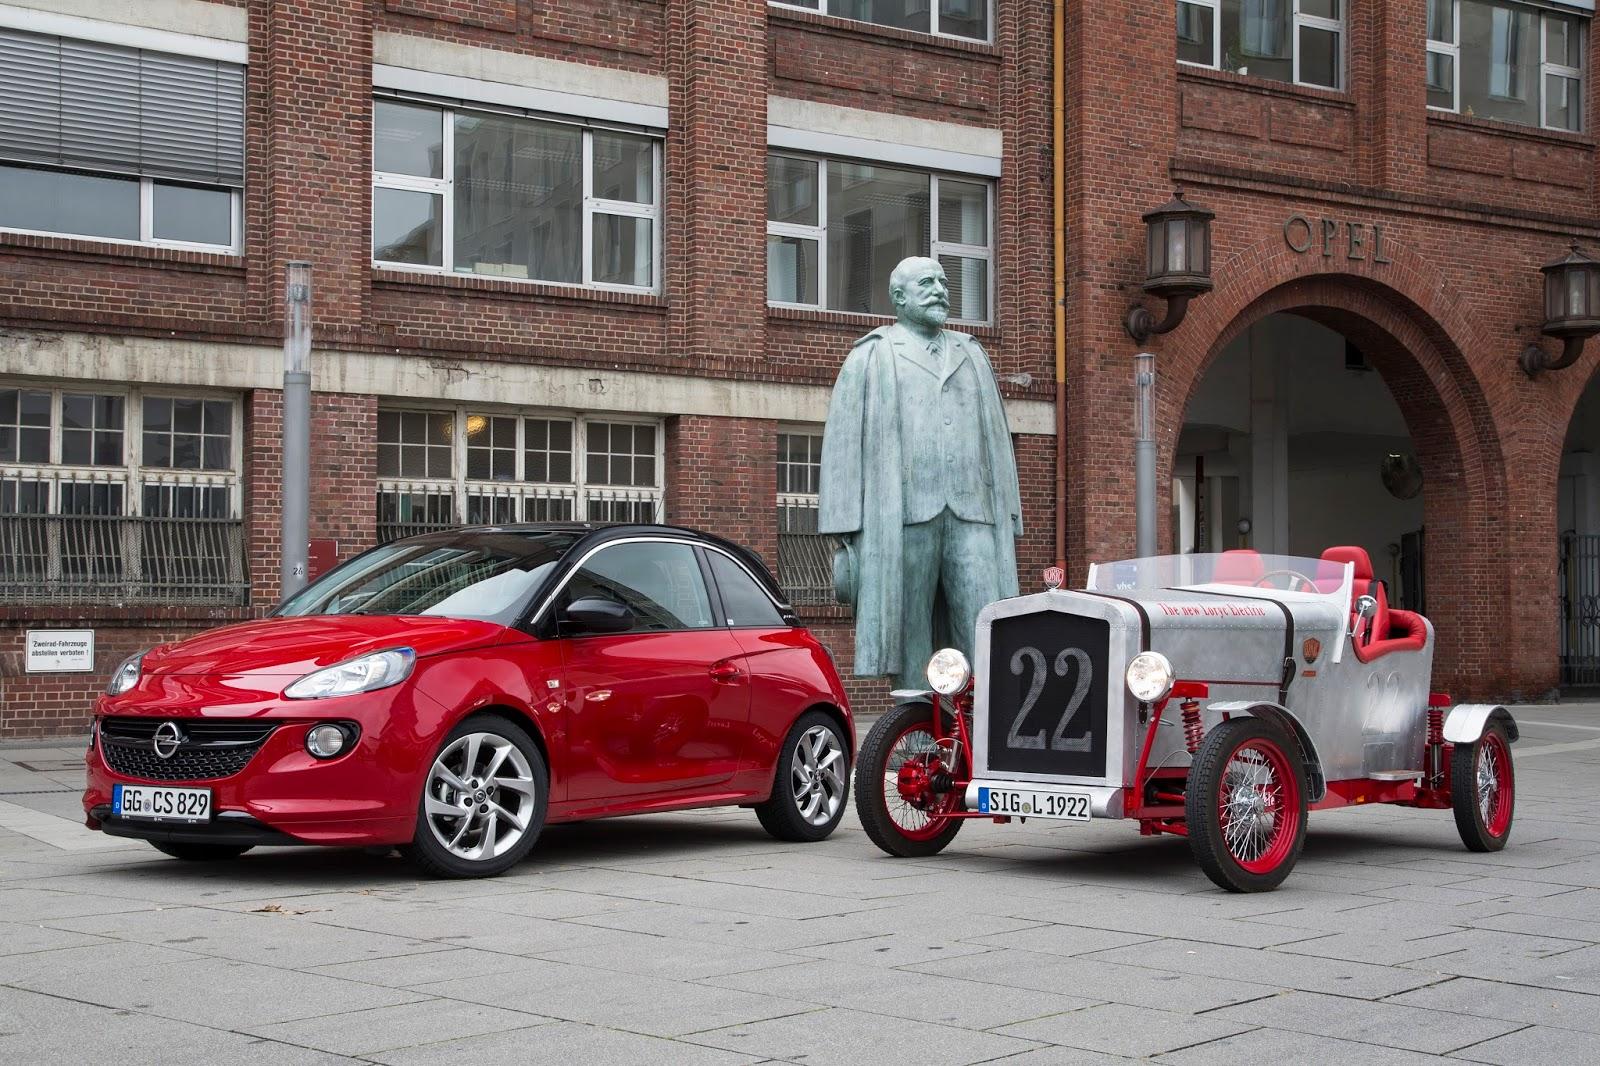 Opel 303789 Το Opel Adam δωρίζει τα εξαρτημάτα του και δίνει ζωή στο Loryc Electric Speedster